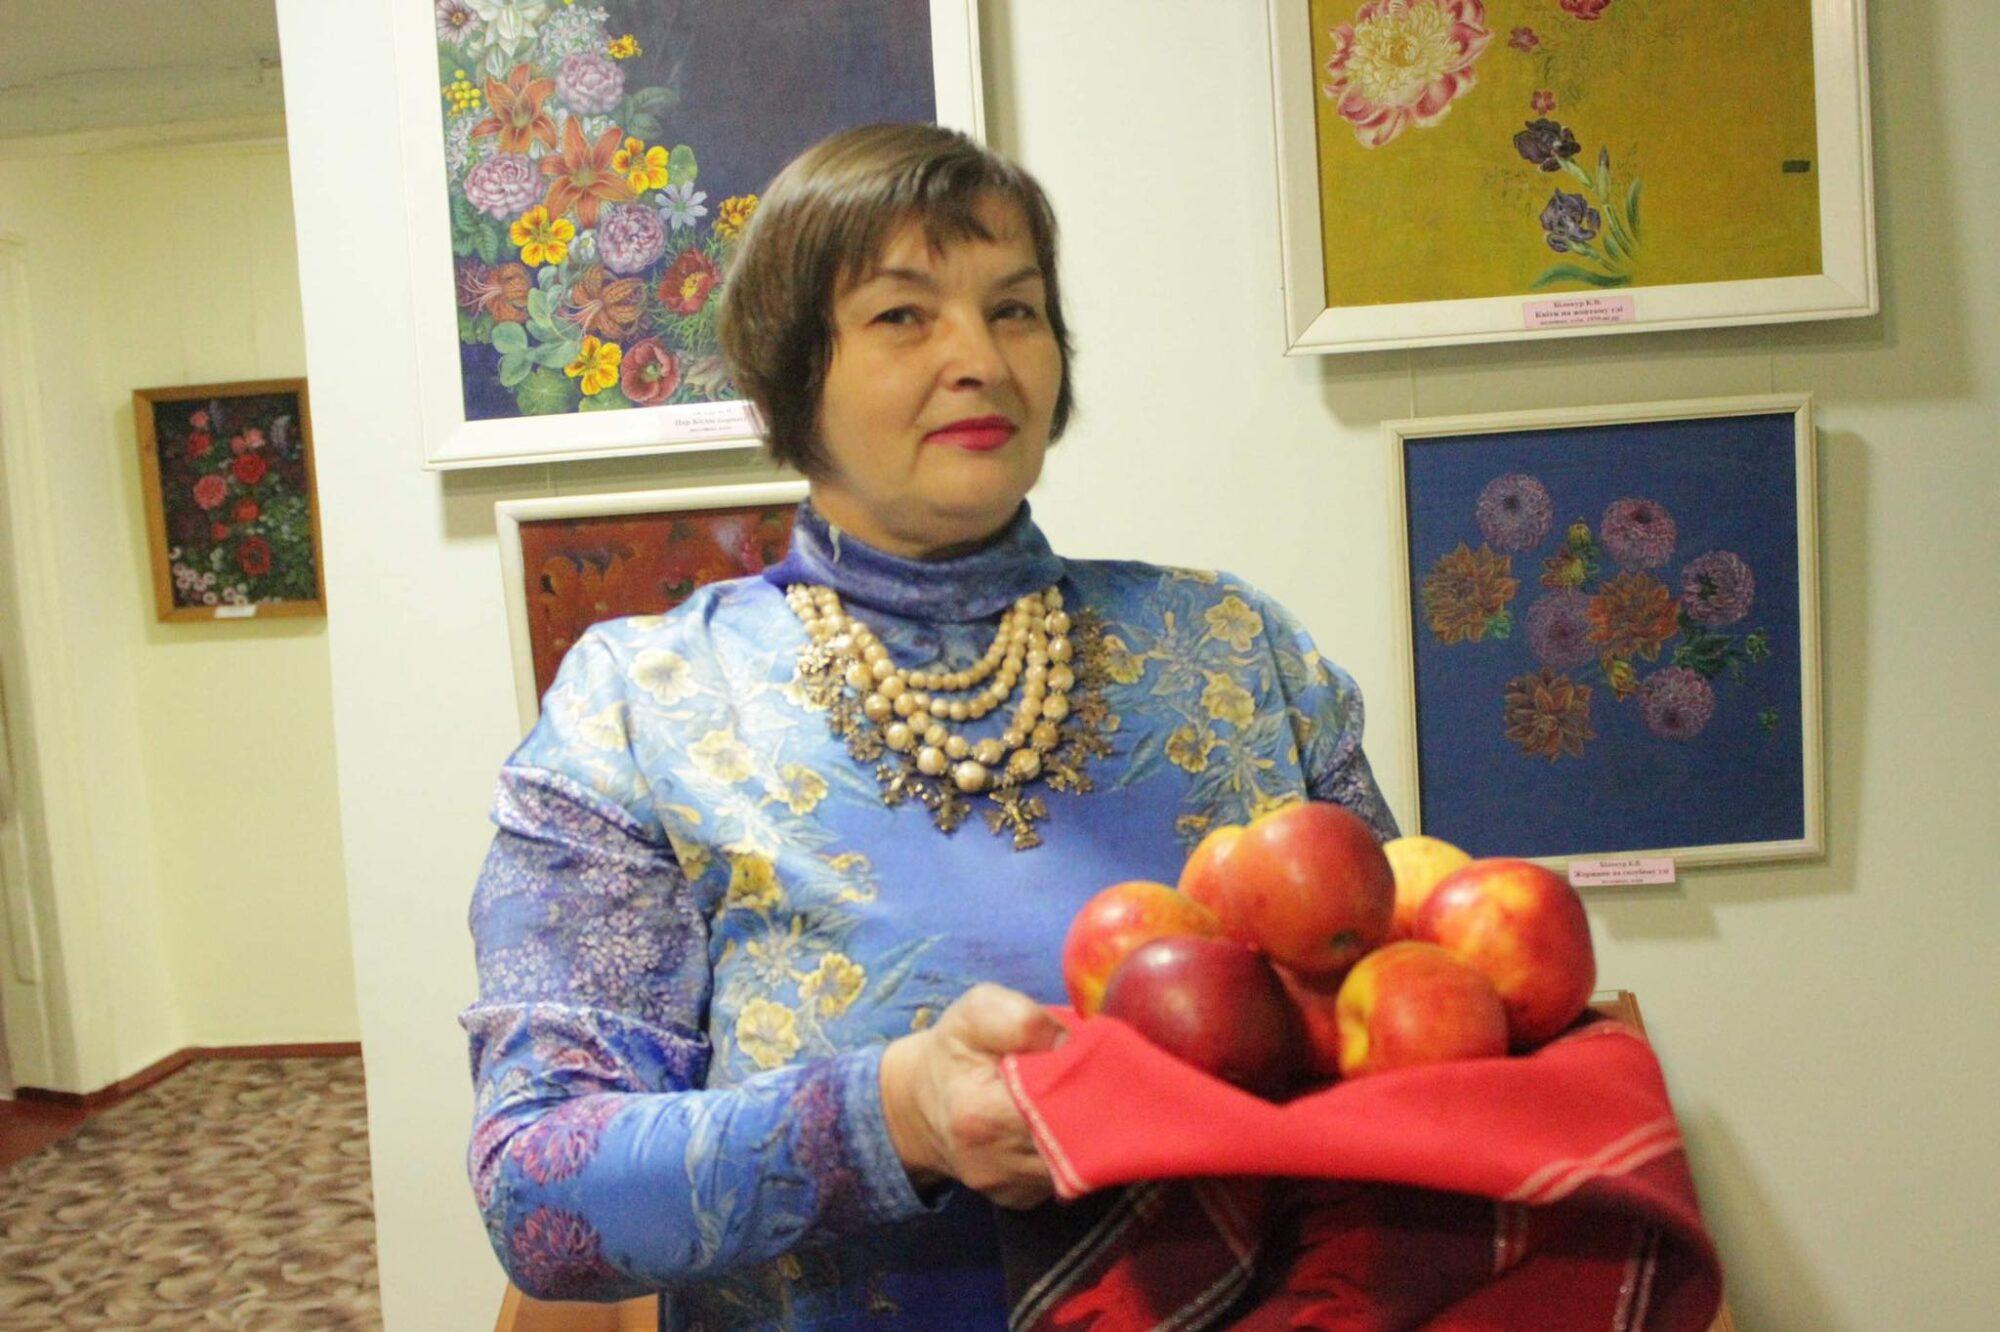 Нев'янучі квіти  Катерини Білокур - художниця, талант, національна культура, Катерина Білокур - YA yabl 2000x1332